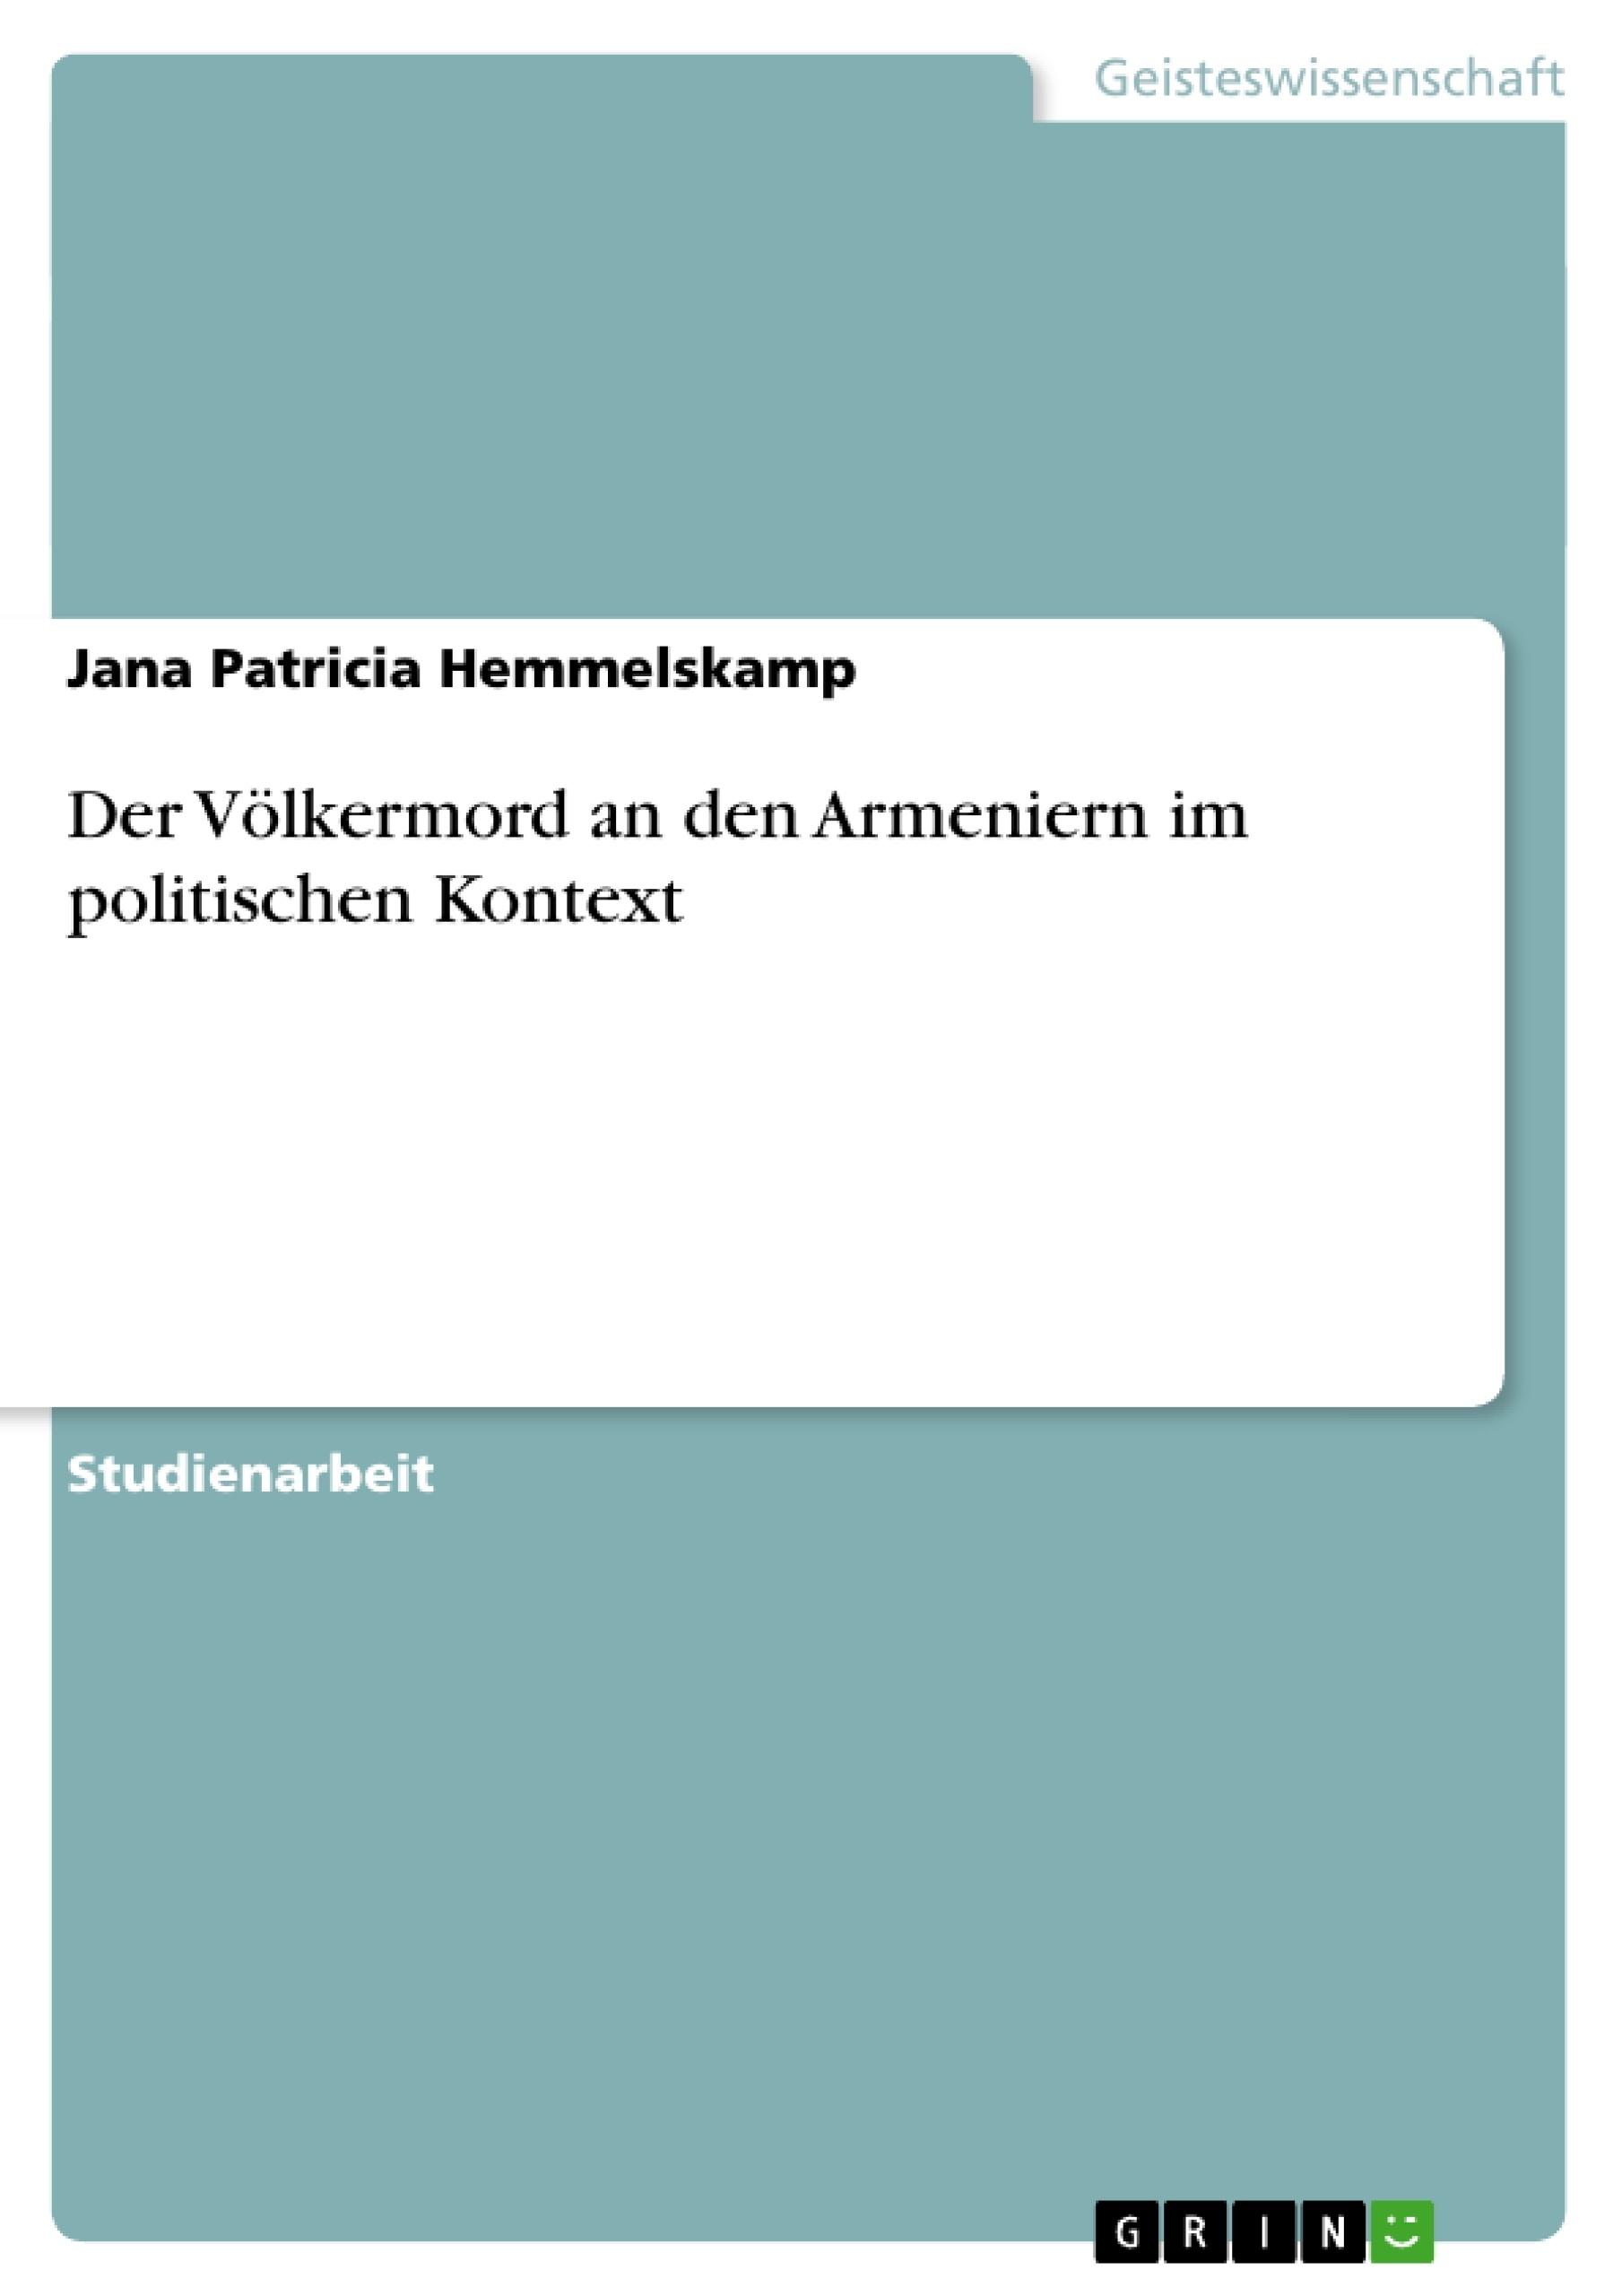 Titel: Der Völkermord an den Armeniern im politischen Kontext